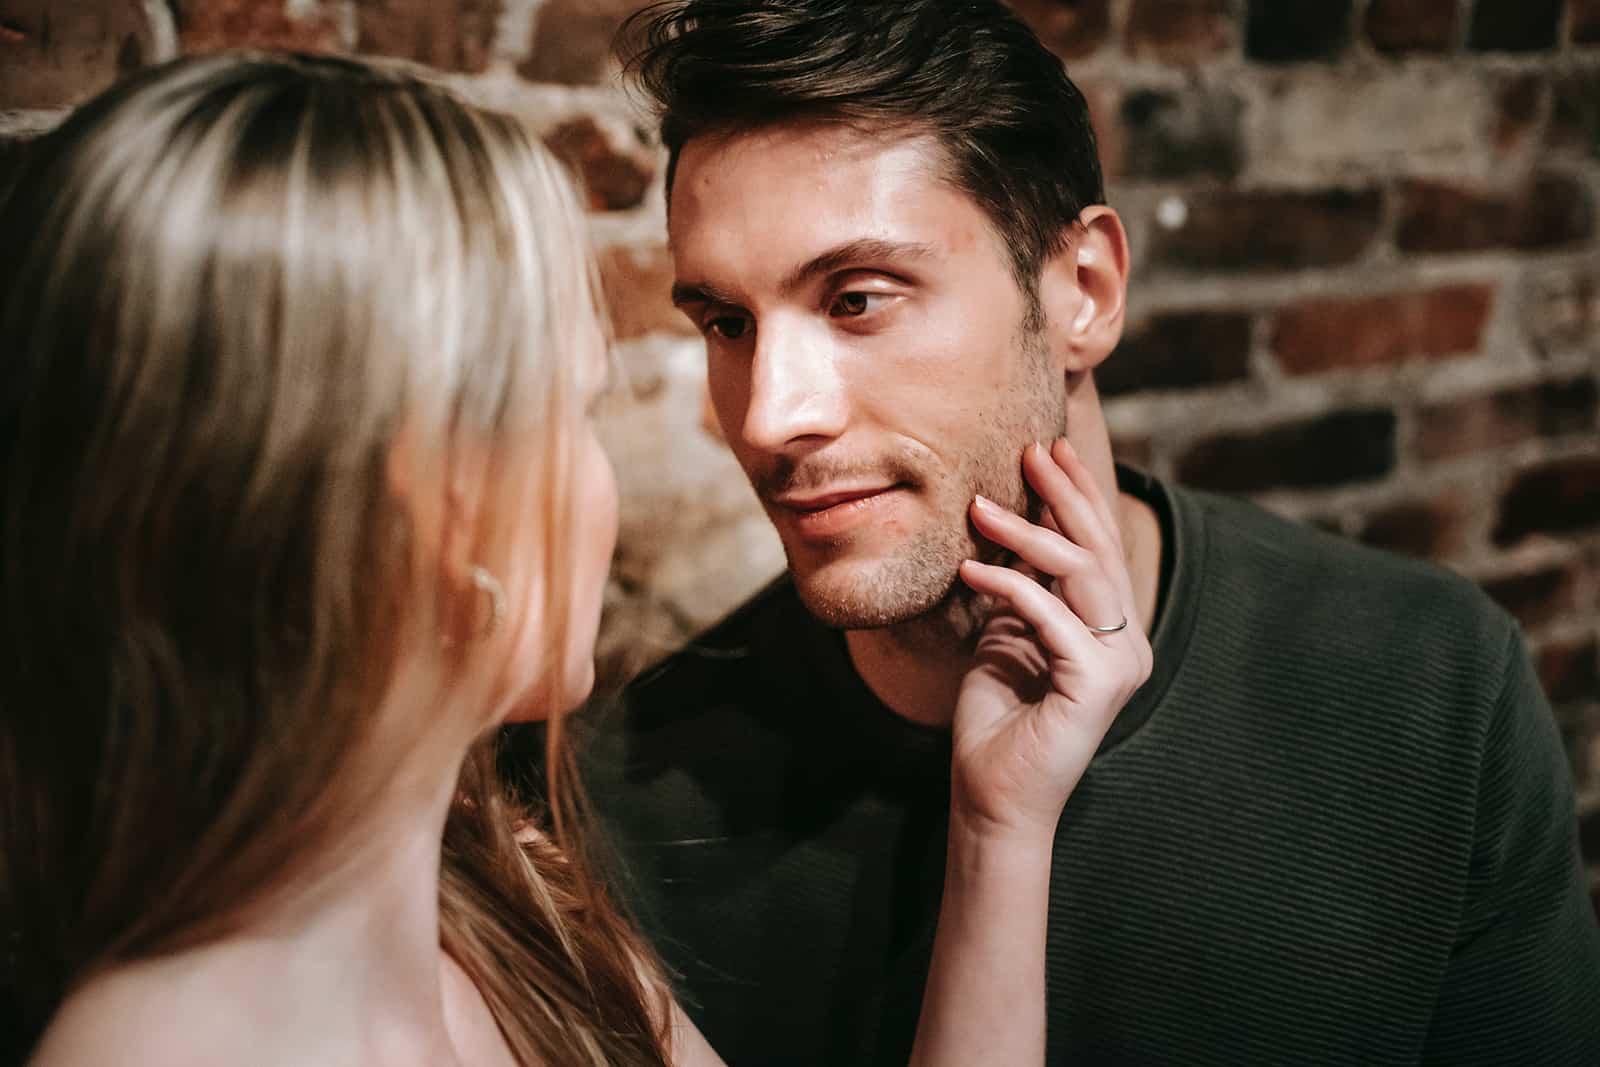 Bin Ich Verliebt? 12 Schritte, Die Dich Zur Antwort Führen!